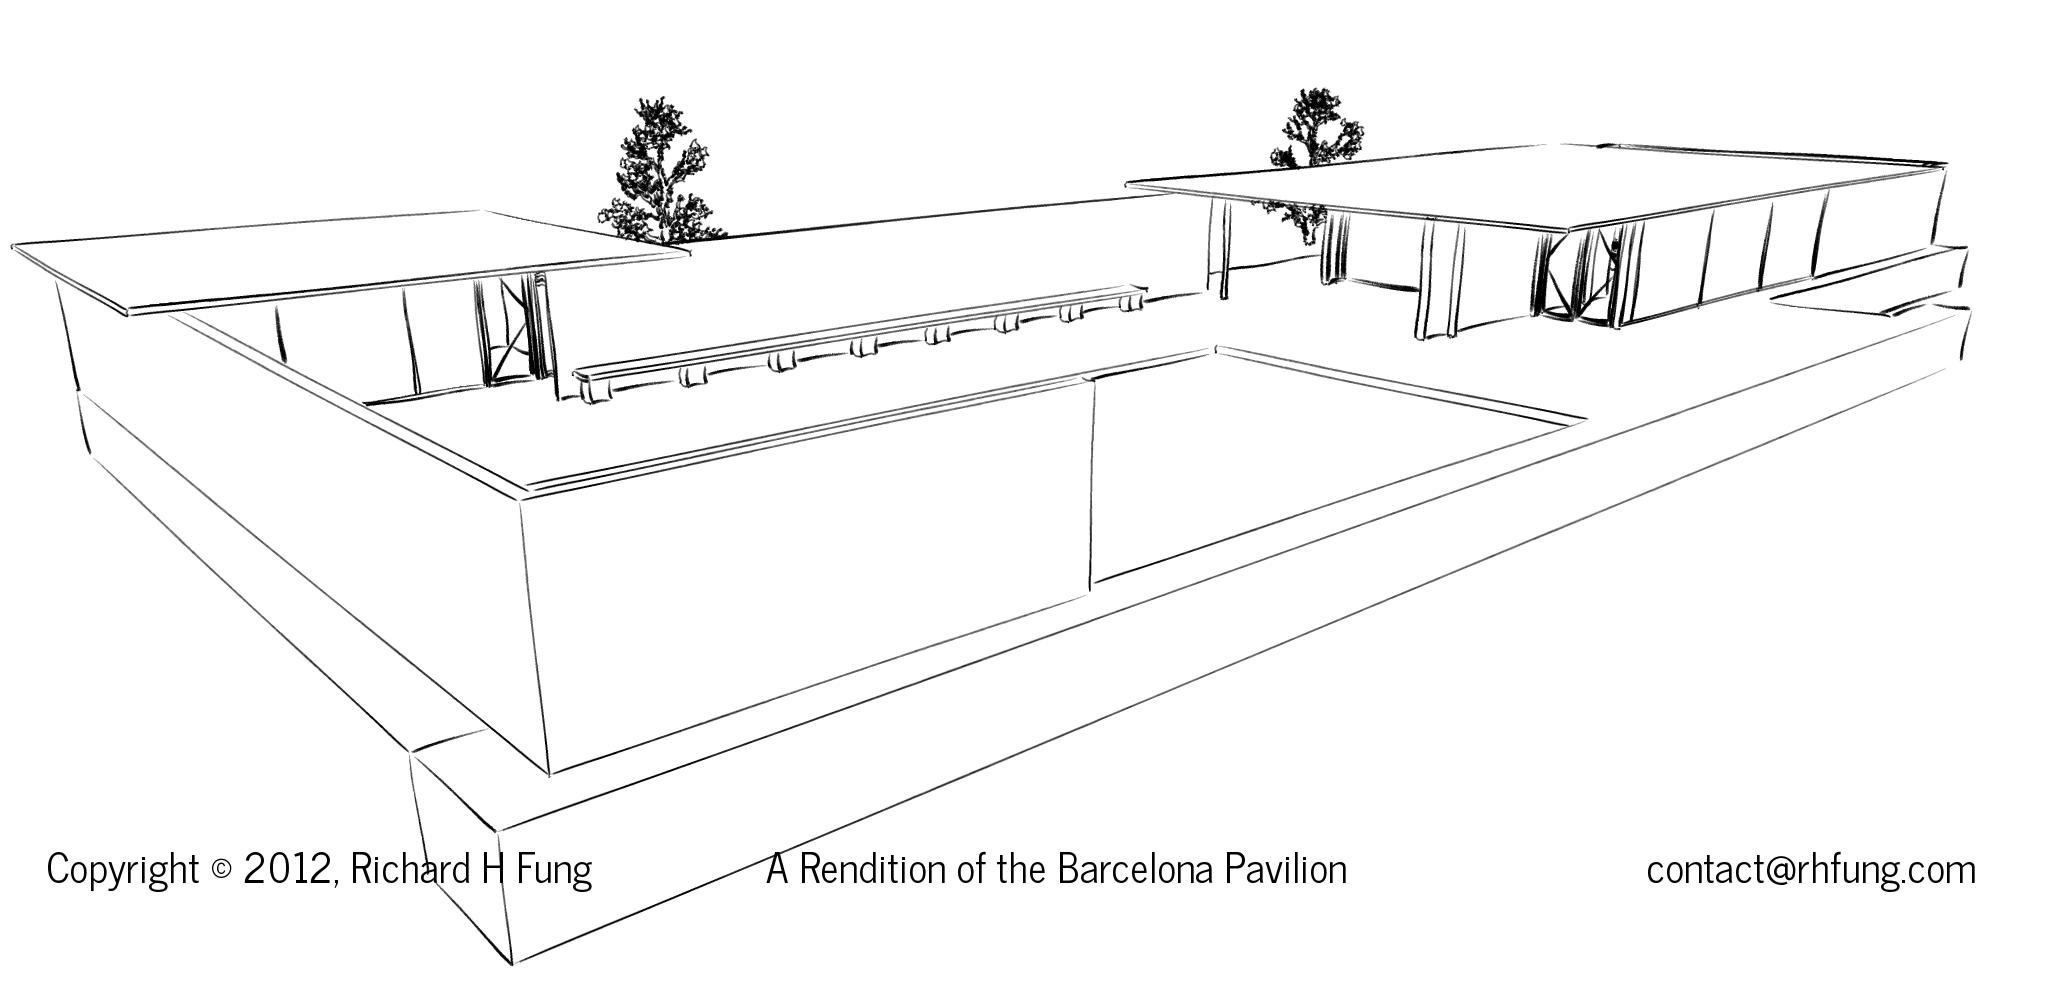 Barcelona Pavilion Floor Plan In 3d In